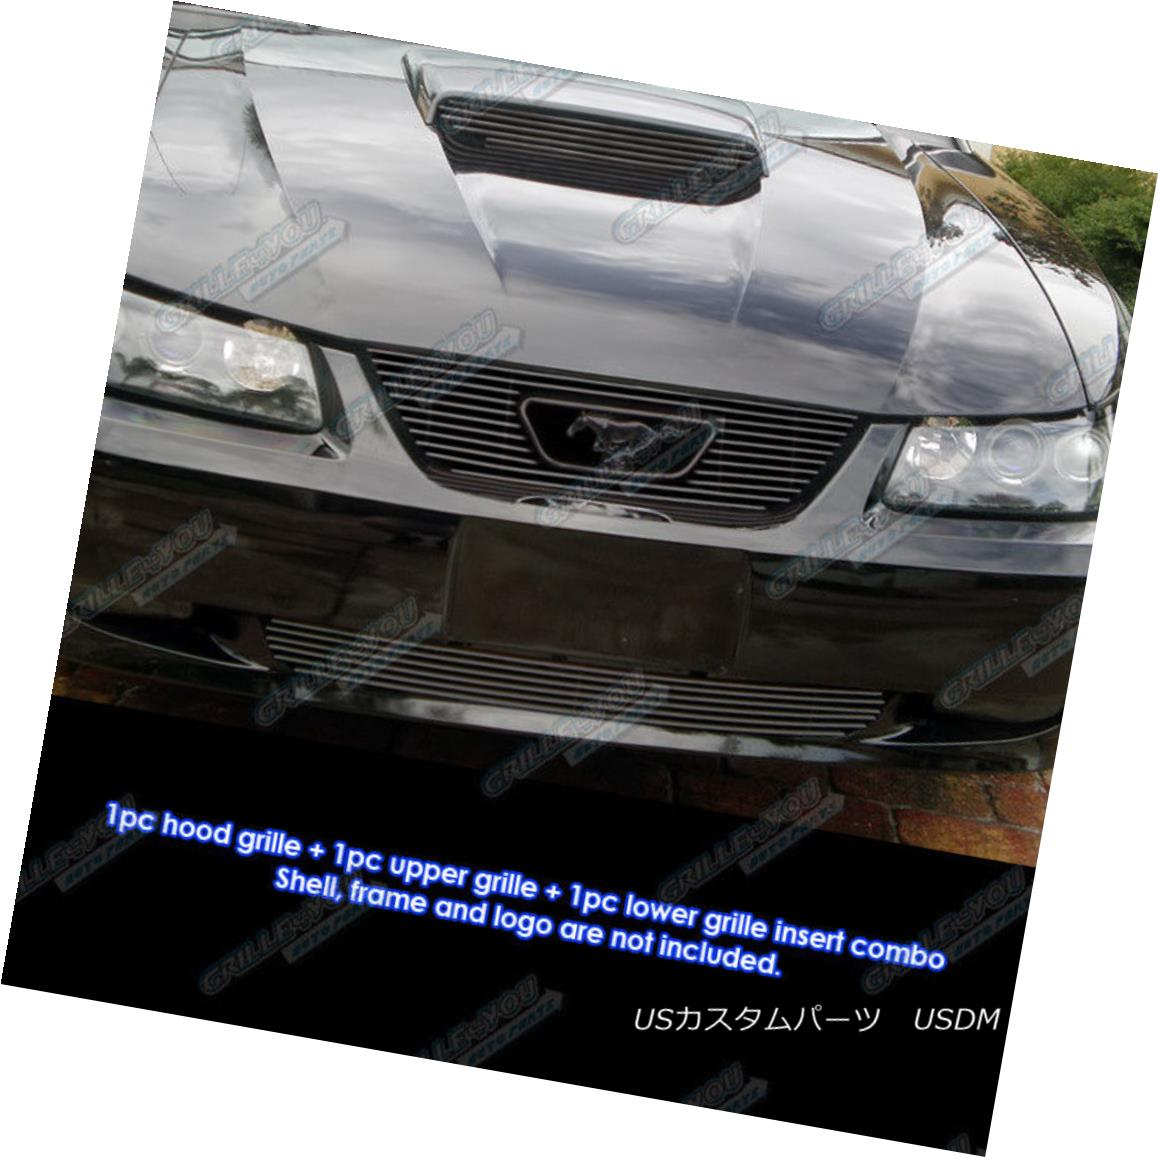 グリル Fit 99-04 Ford Mustang GT V8 Logo Show Black Billet Grille Grill Combo Insert フィット99 - 04フォードマスタングGT V8ロゴショーブラックビレットグリルグリルコンボインサート